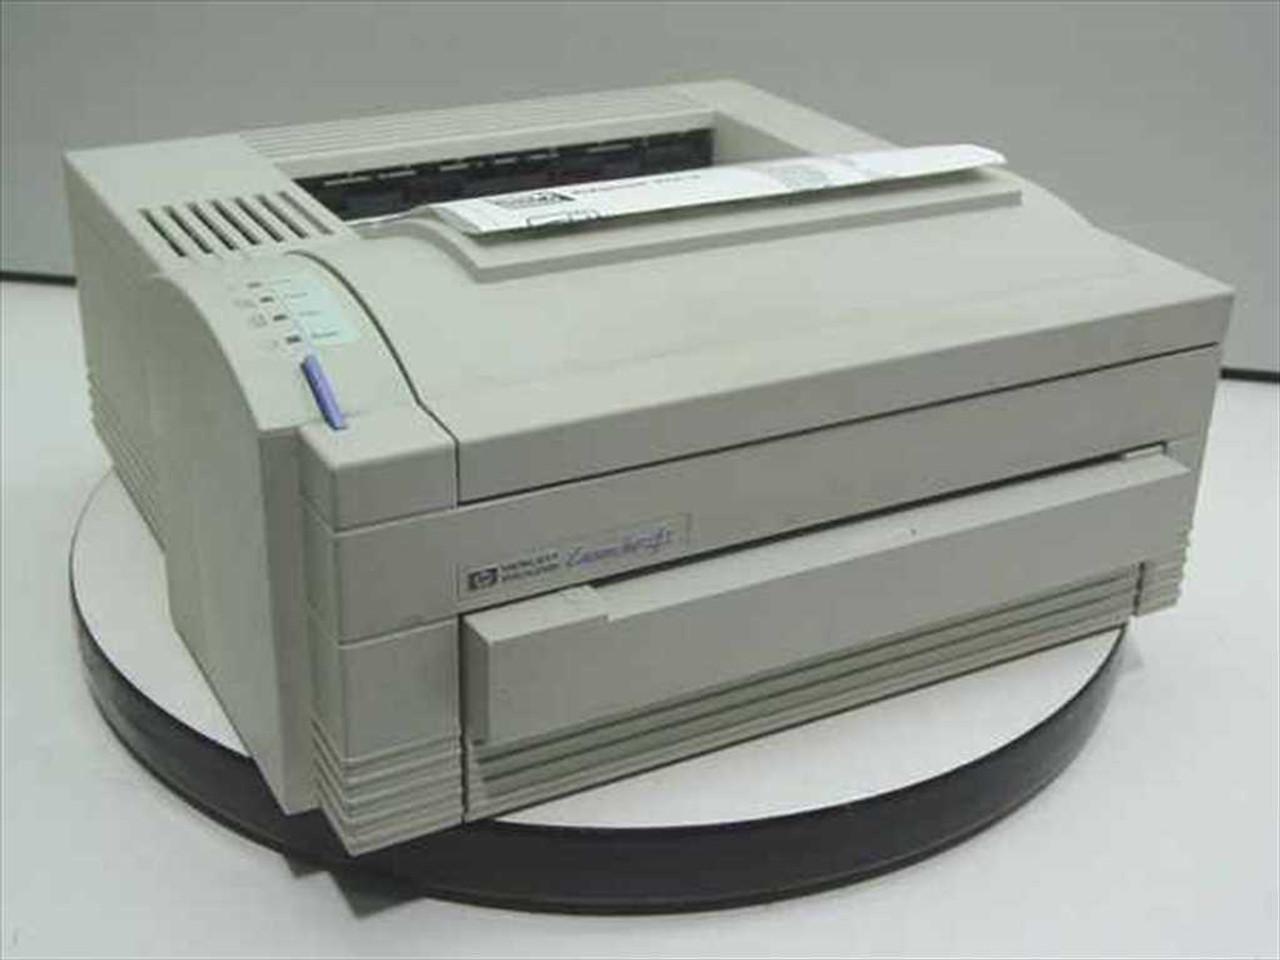 HP C2003A LaserJet 4L Printer ...